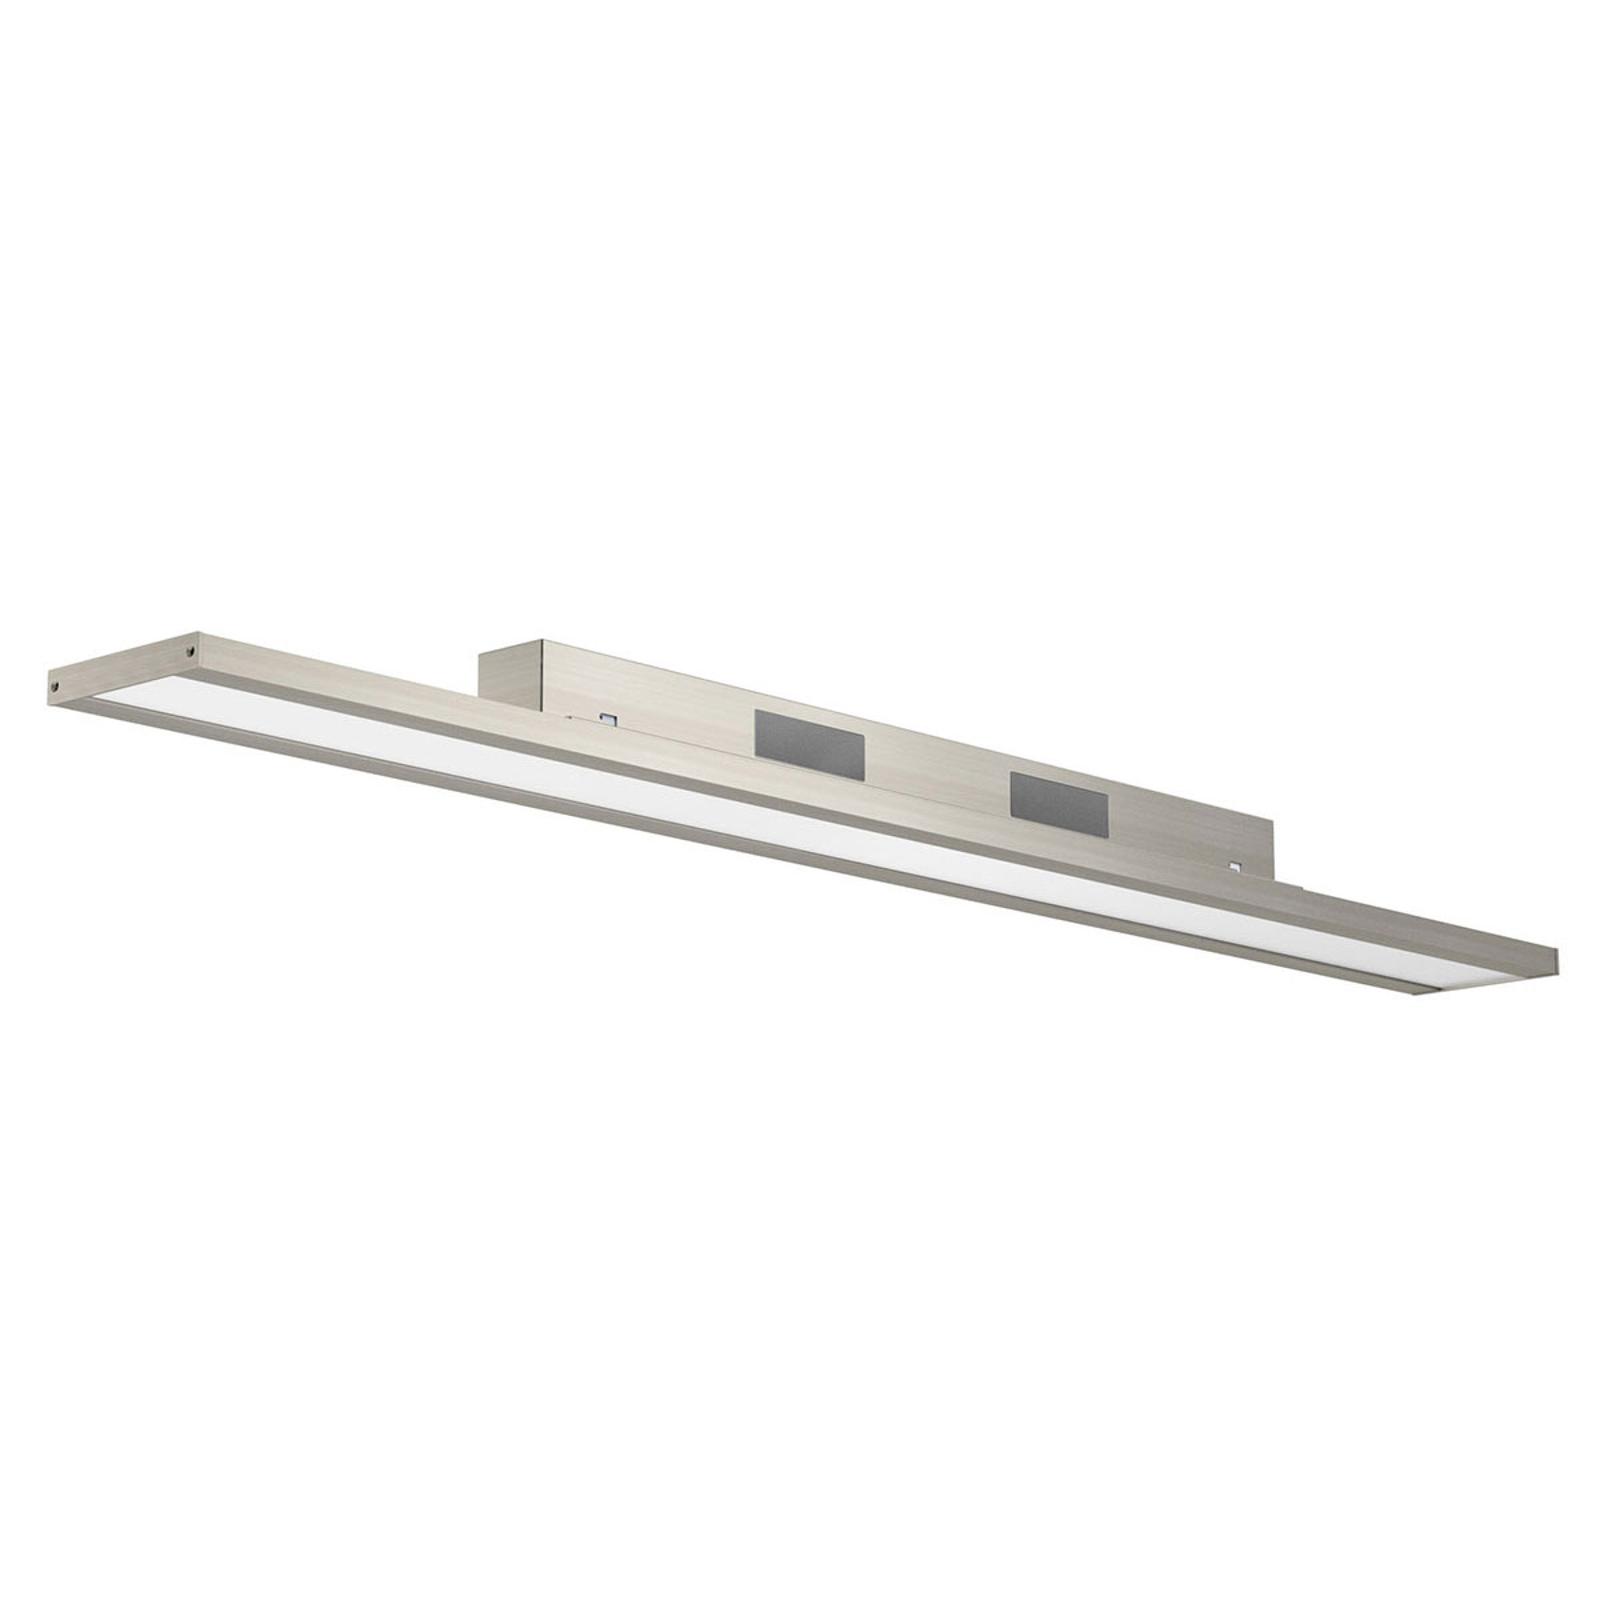 Leuchtstarke LED-Deckenleuchte Classic Tec Basic